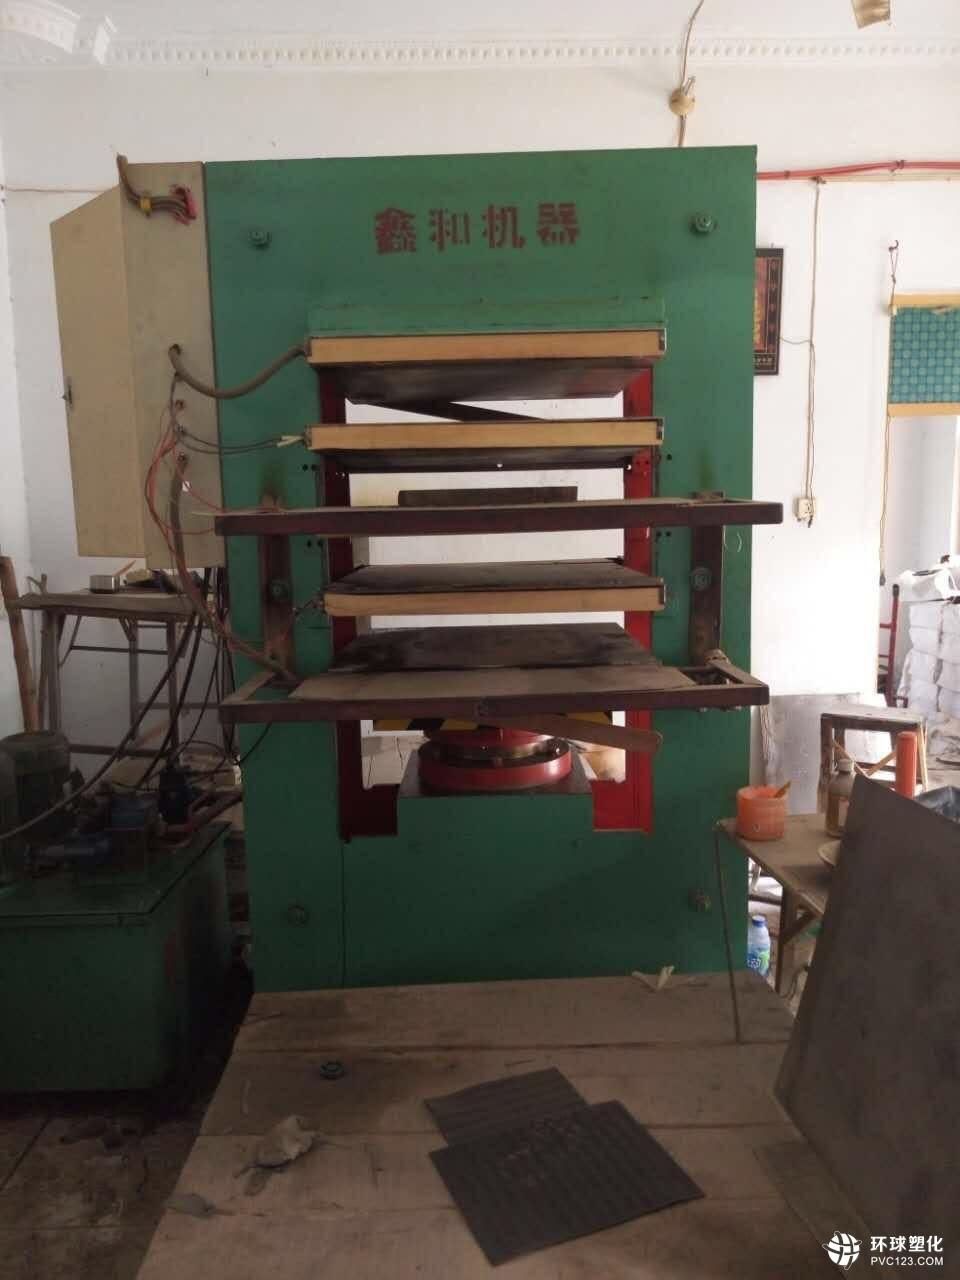 廊坊回收橡胶注射机 廊坊回收橡胶压延机